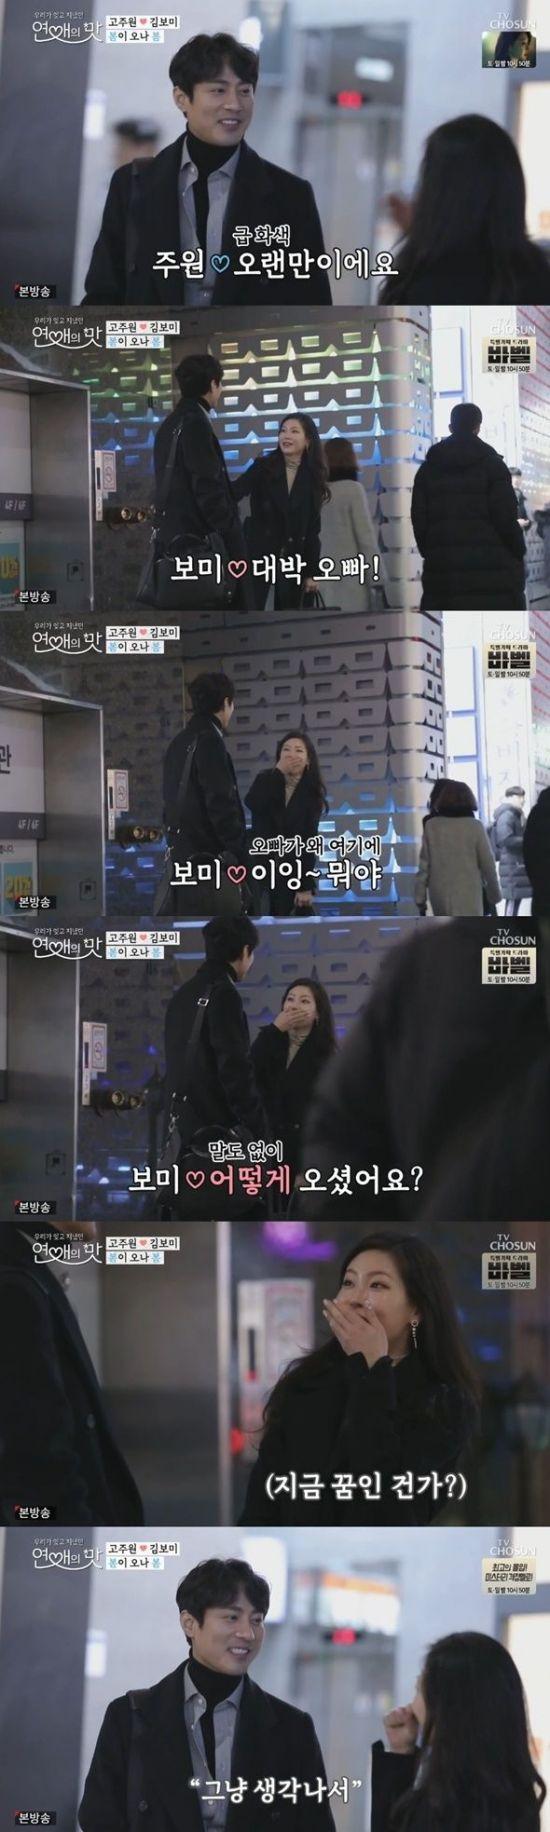 """고주원♥김보미 커플, """"그냥 어제 그리고 오늘 생각나서...."""" 심쿵 멘트 화제"""